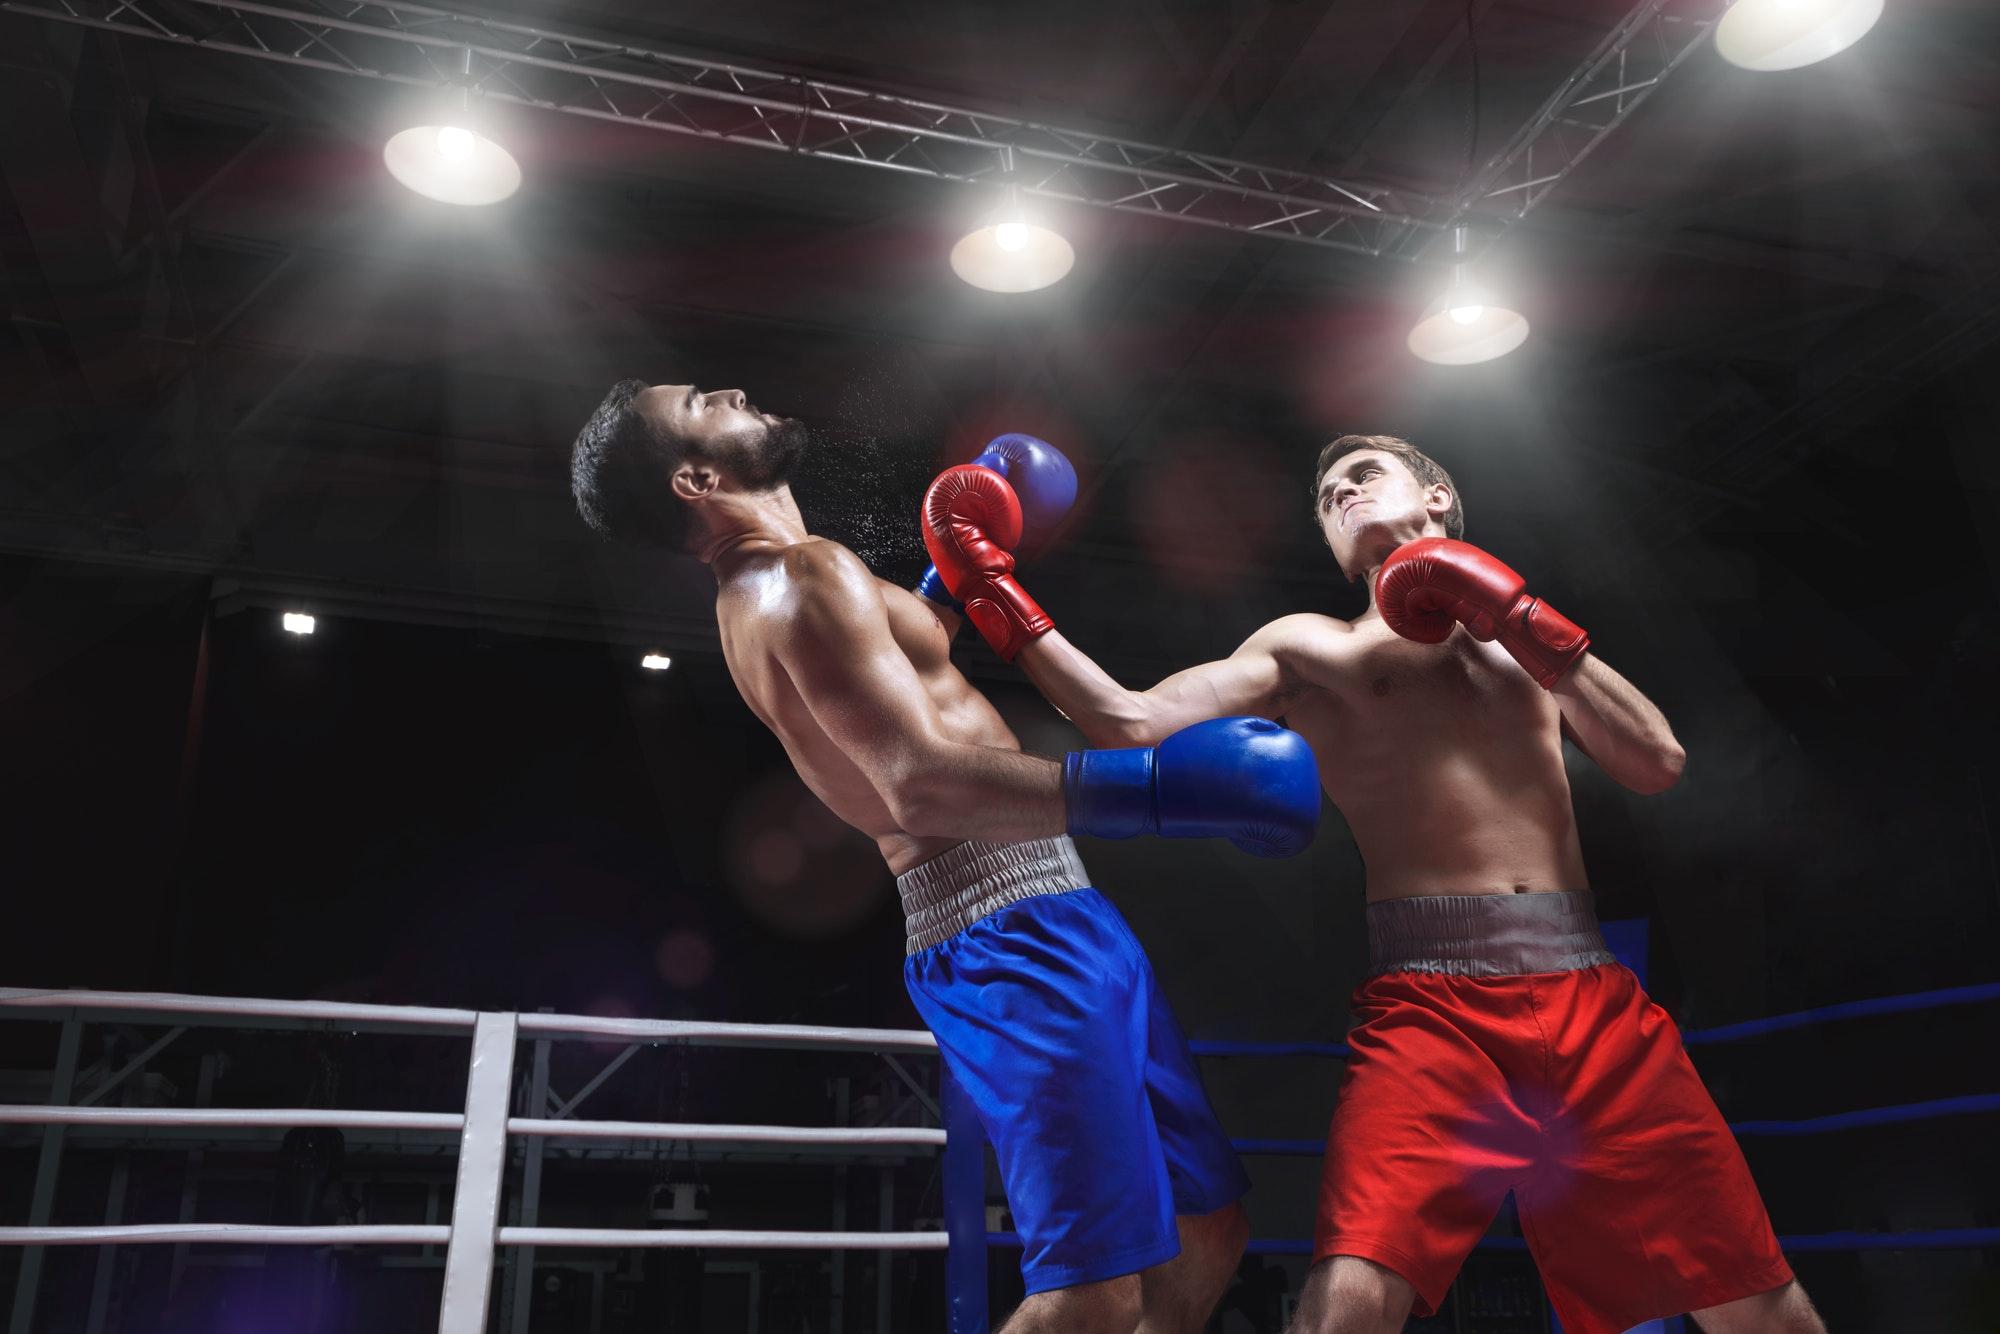 كيفية تعلم الملاكمة للمبتدئين